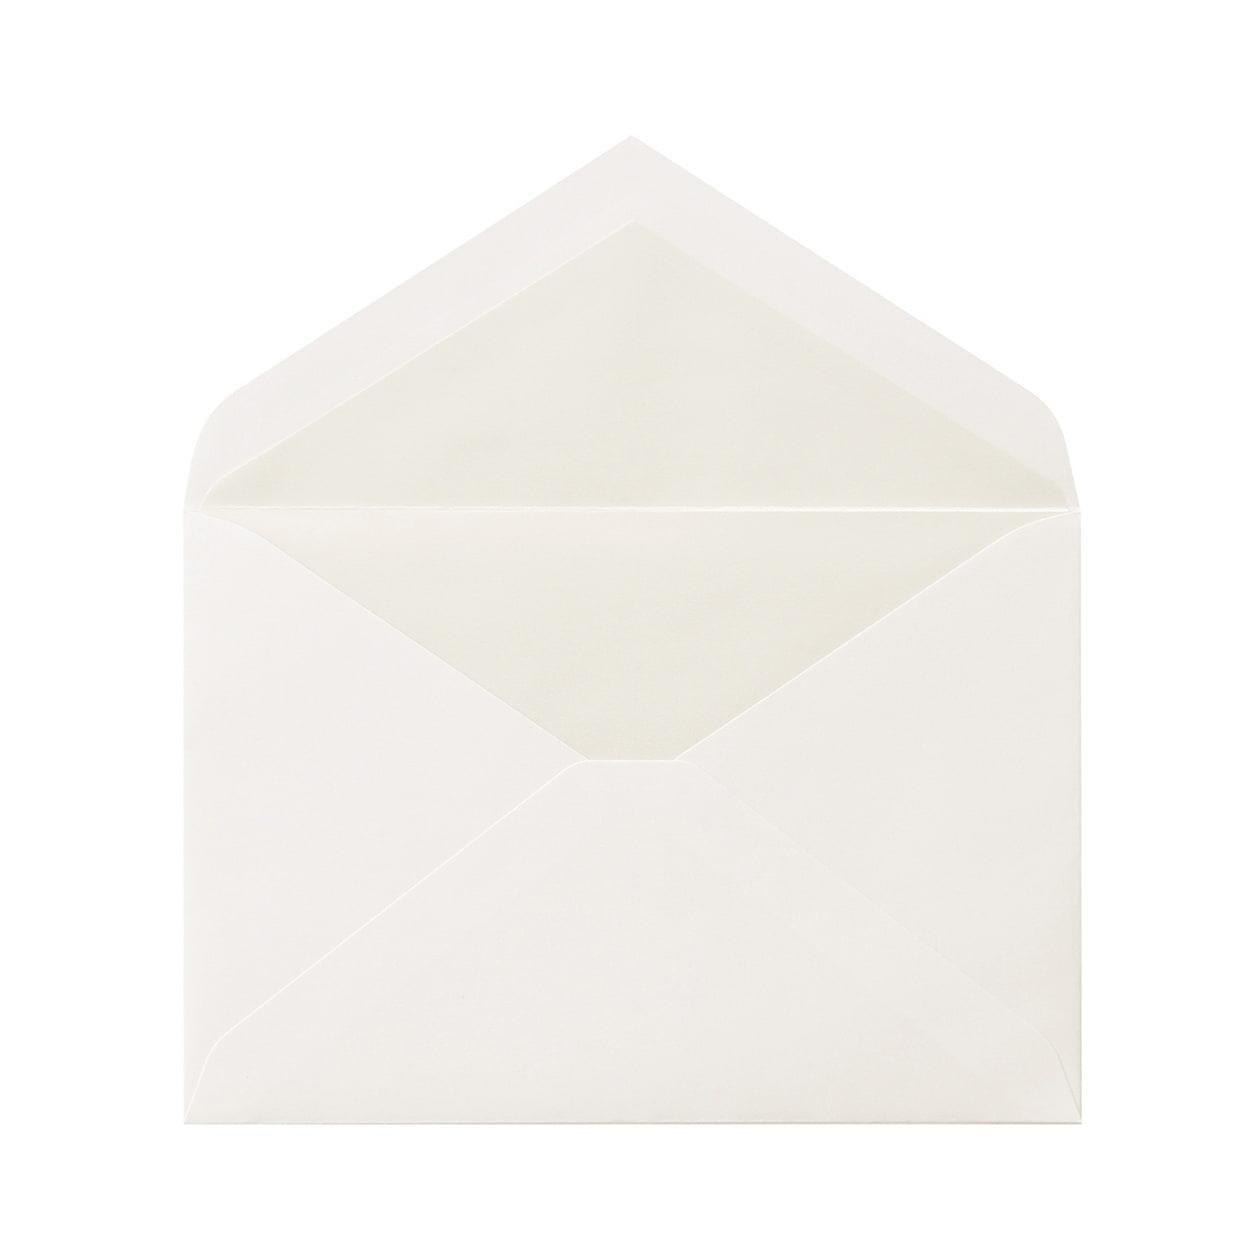 洋1ダイア二重封筒 コットン スノーホワイト パール 116.3g